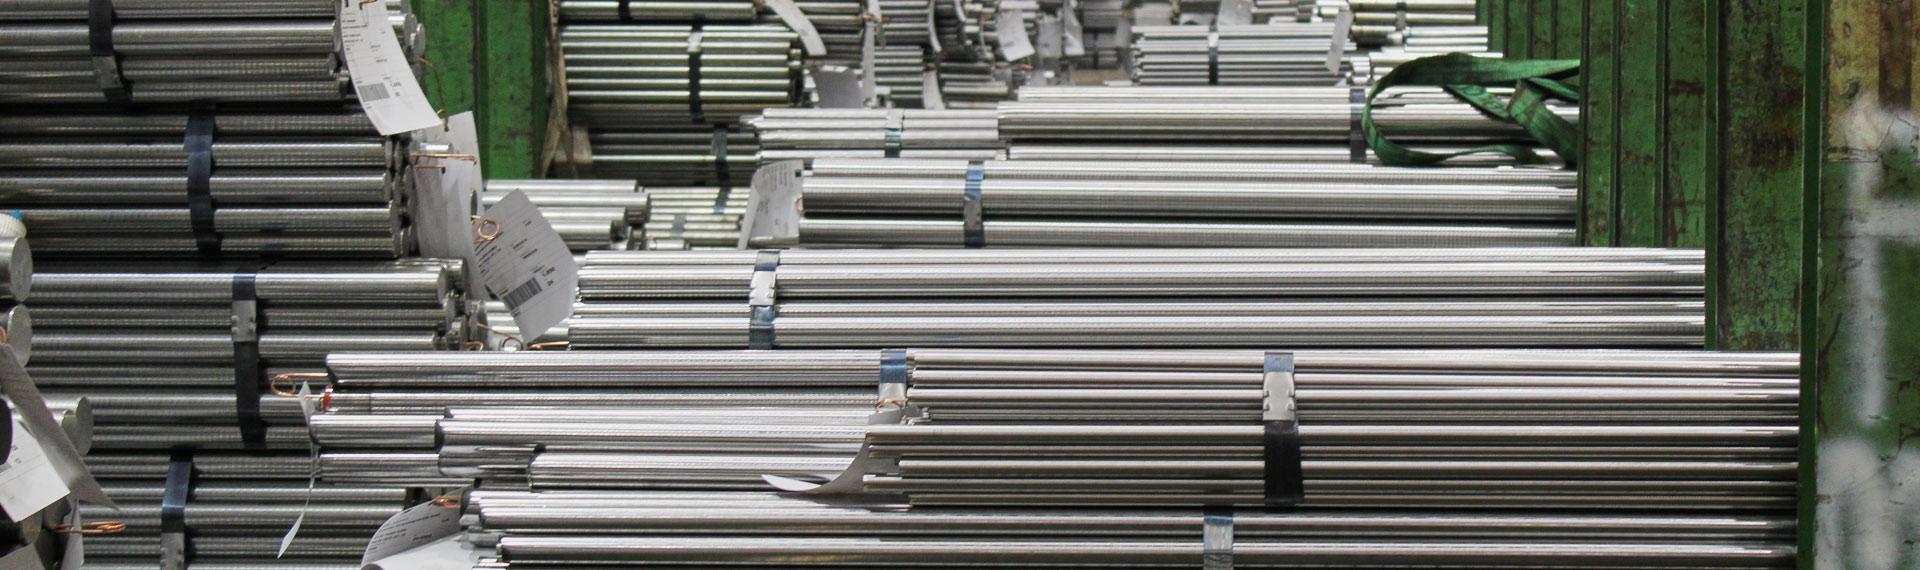 Przepustowość magazynów WSB gwarantuje płynną obróbkę materiałów oraz sprawny przepływ materiałów do klientów. Klienci mogą zamówić potrzebny materiał w dowolnej chwili.